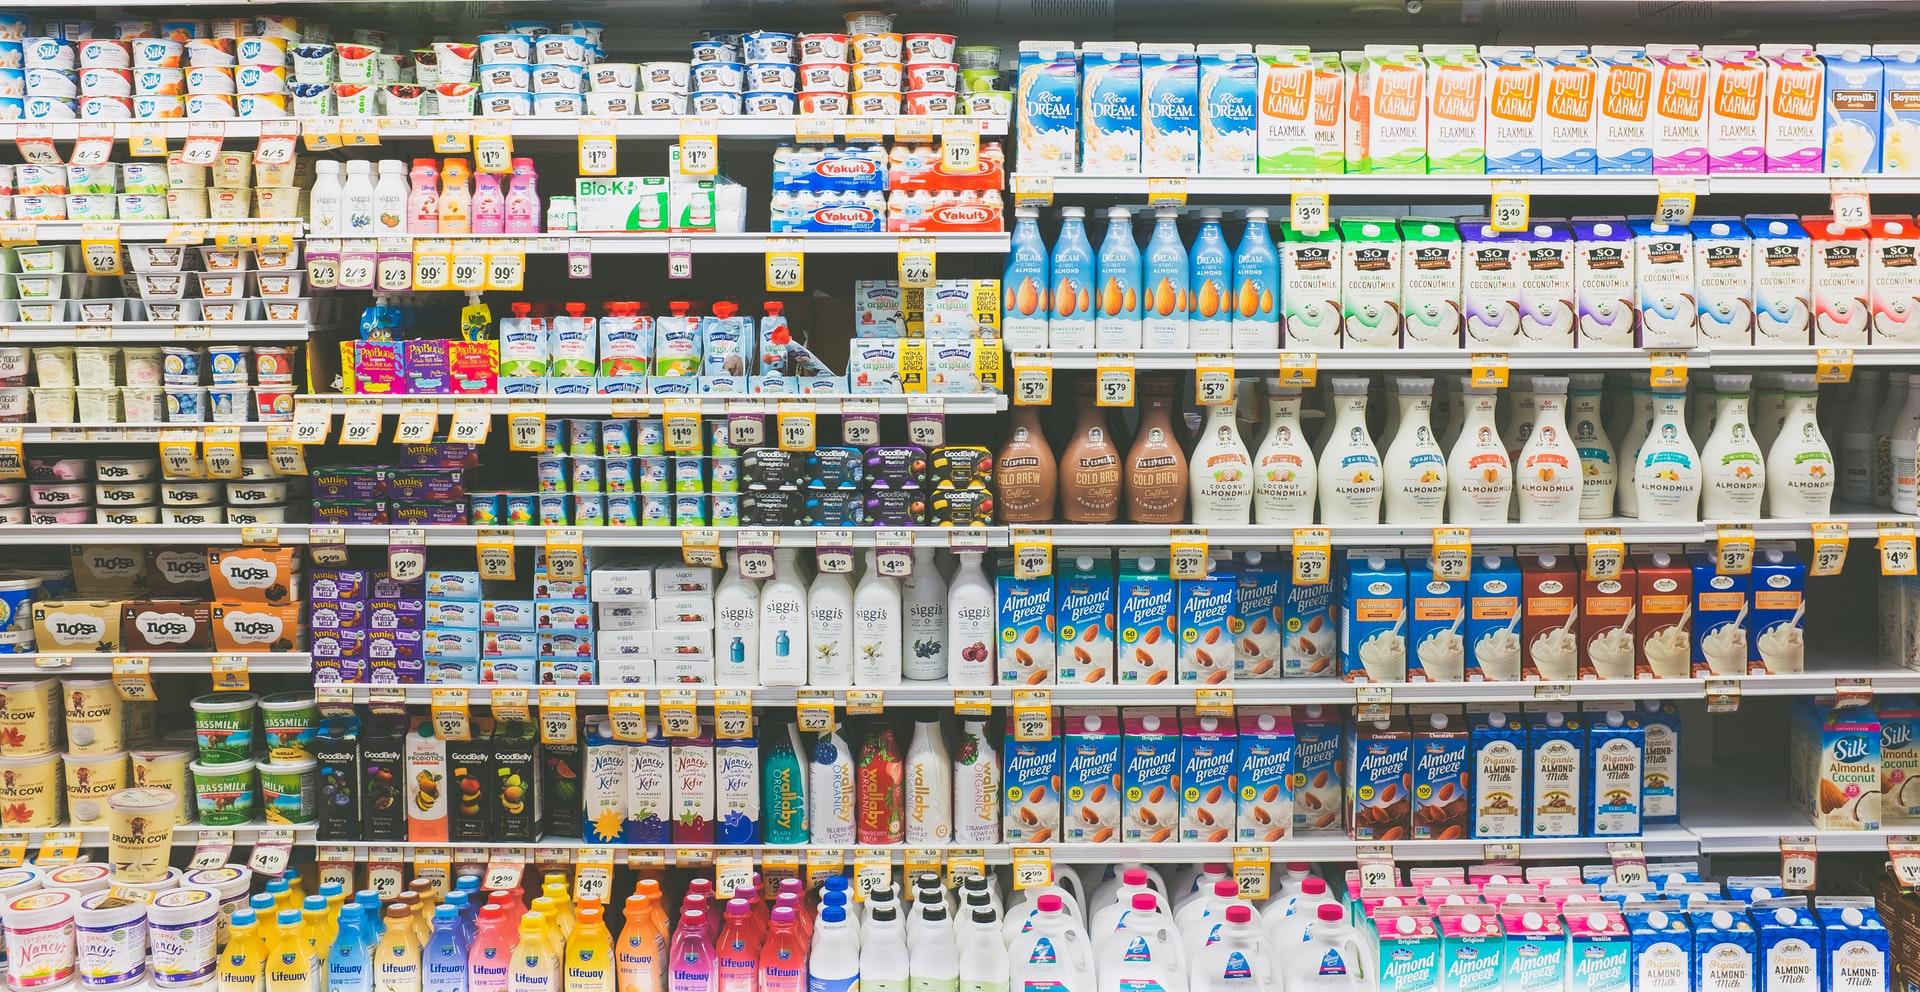 Plant-based milks